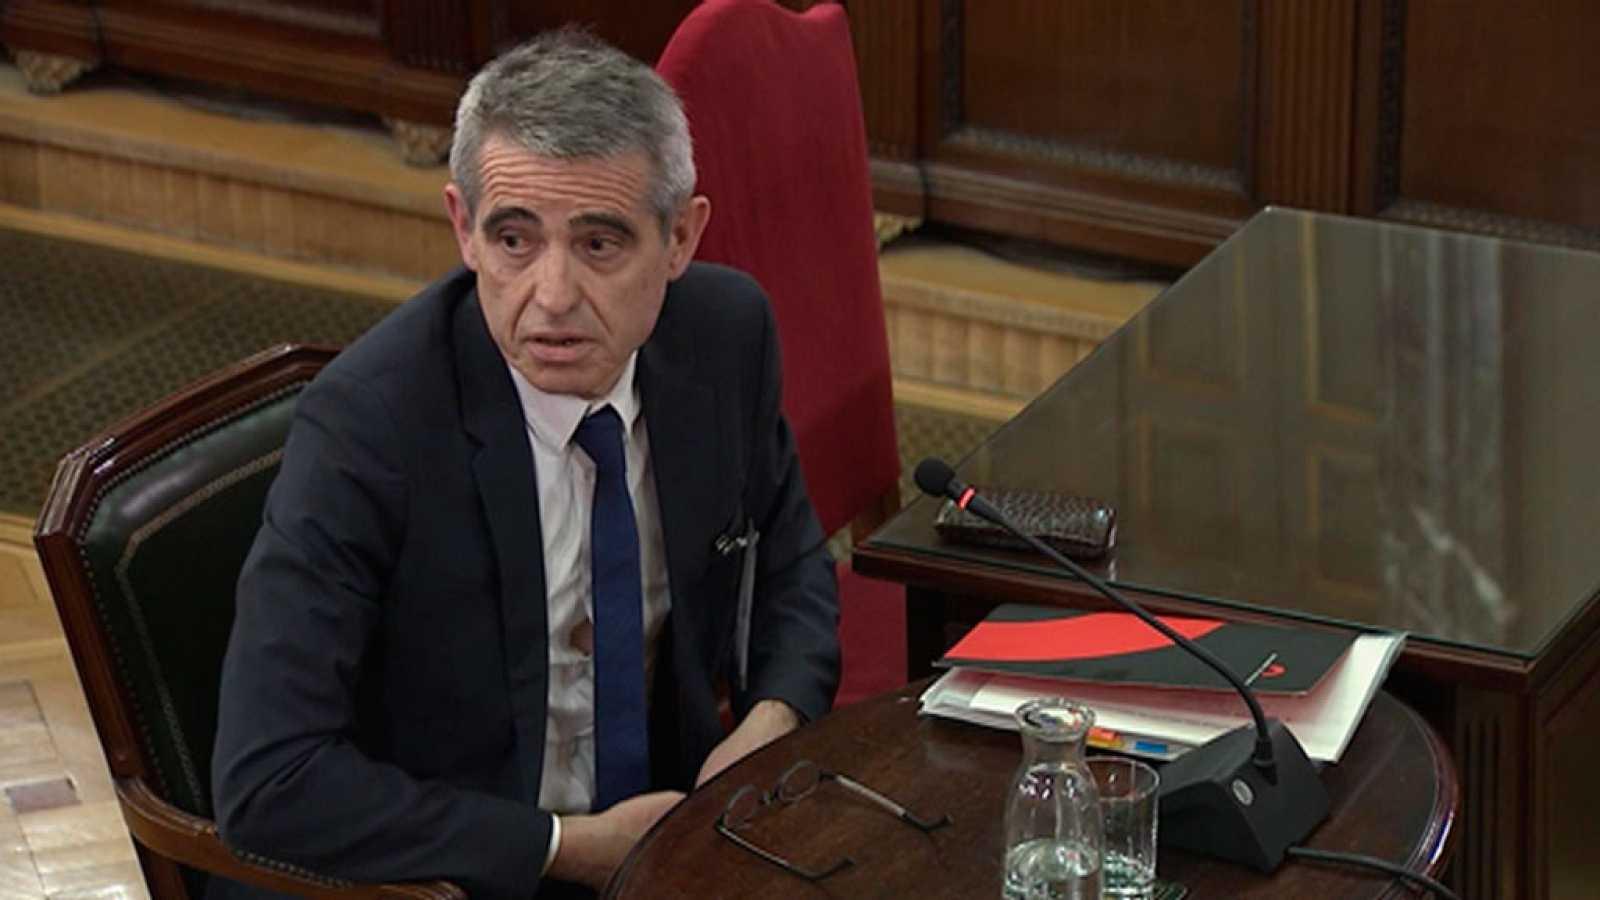 El ex letrado mayor del Parlament declara que advirtieron a la Mesa por escrito y verbalmente